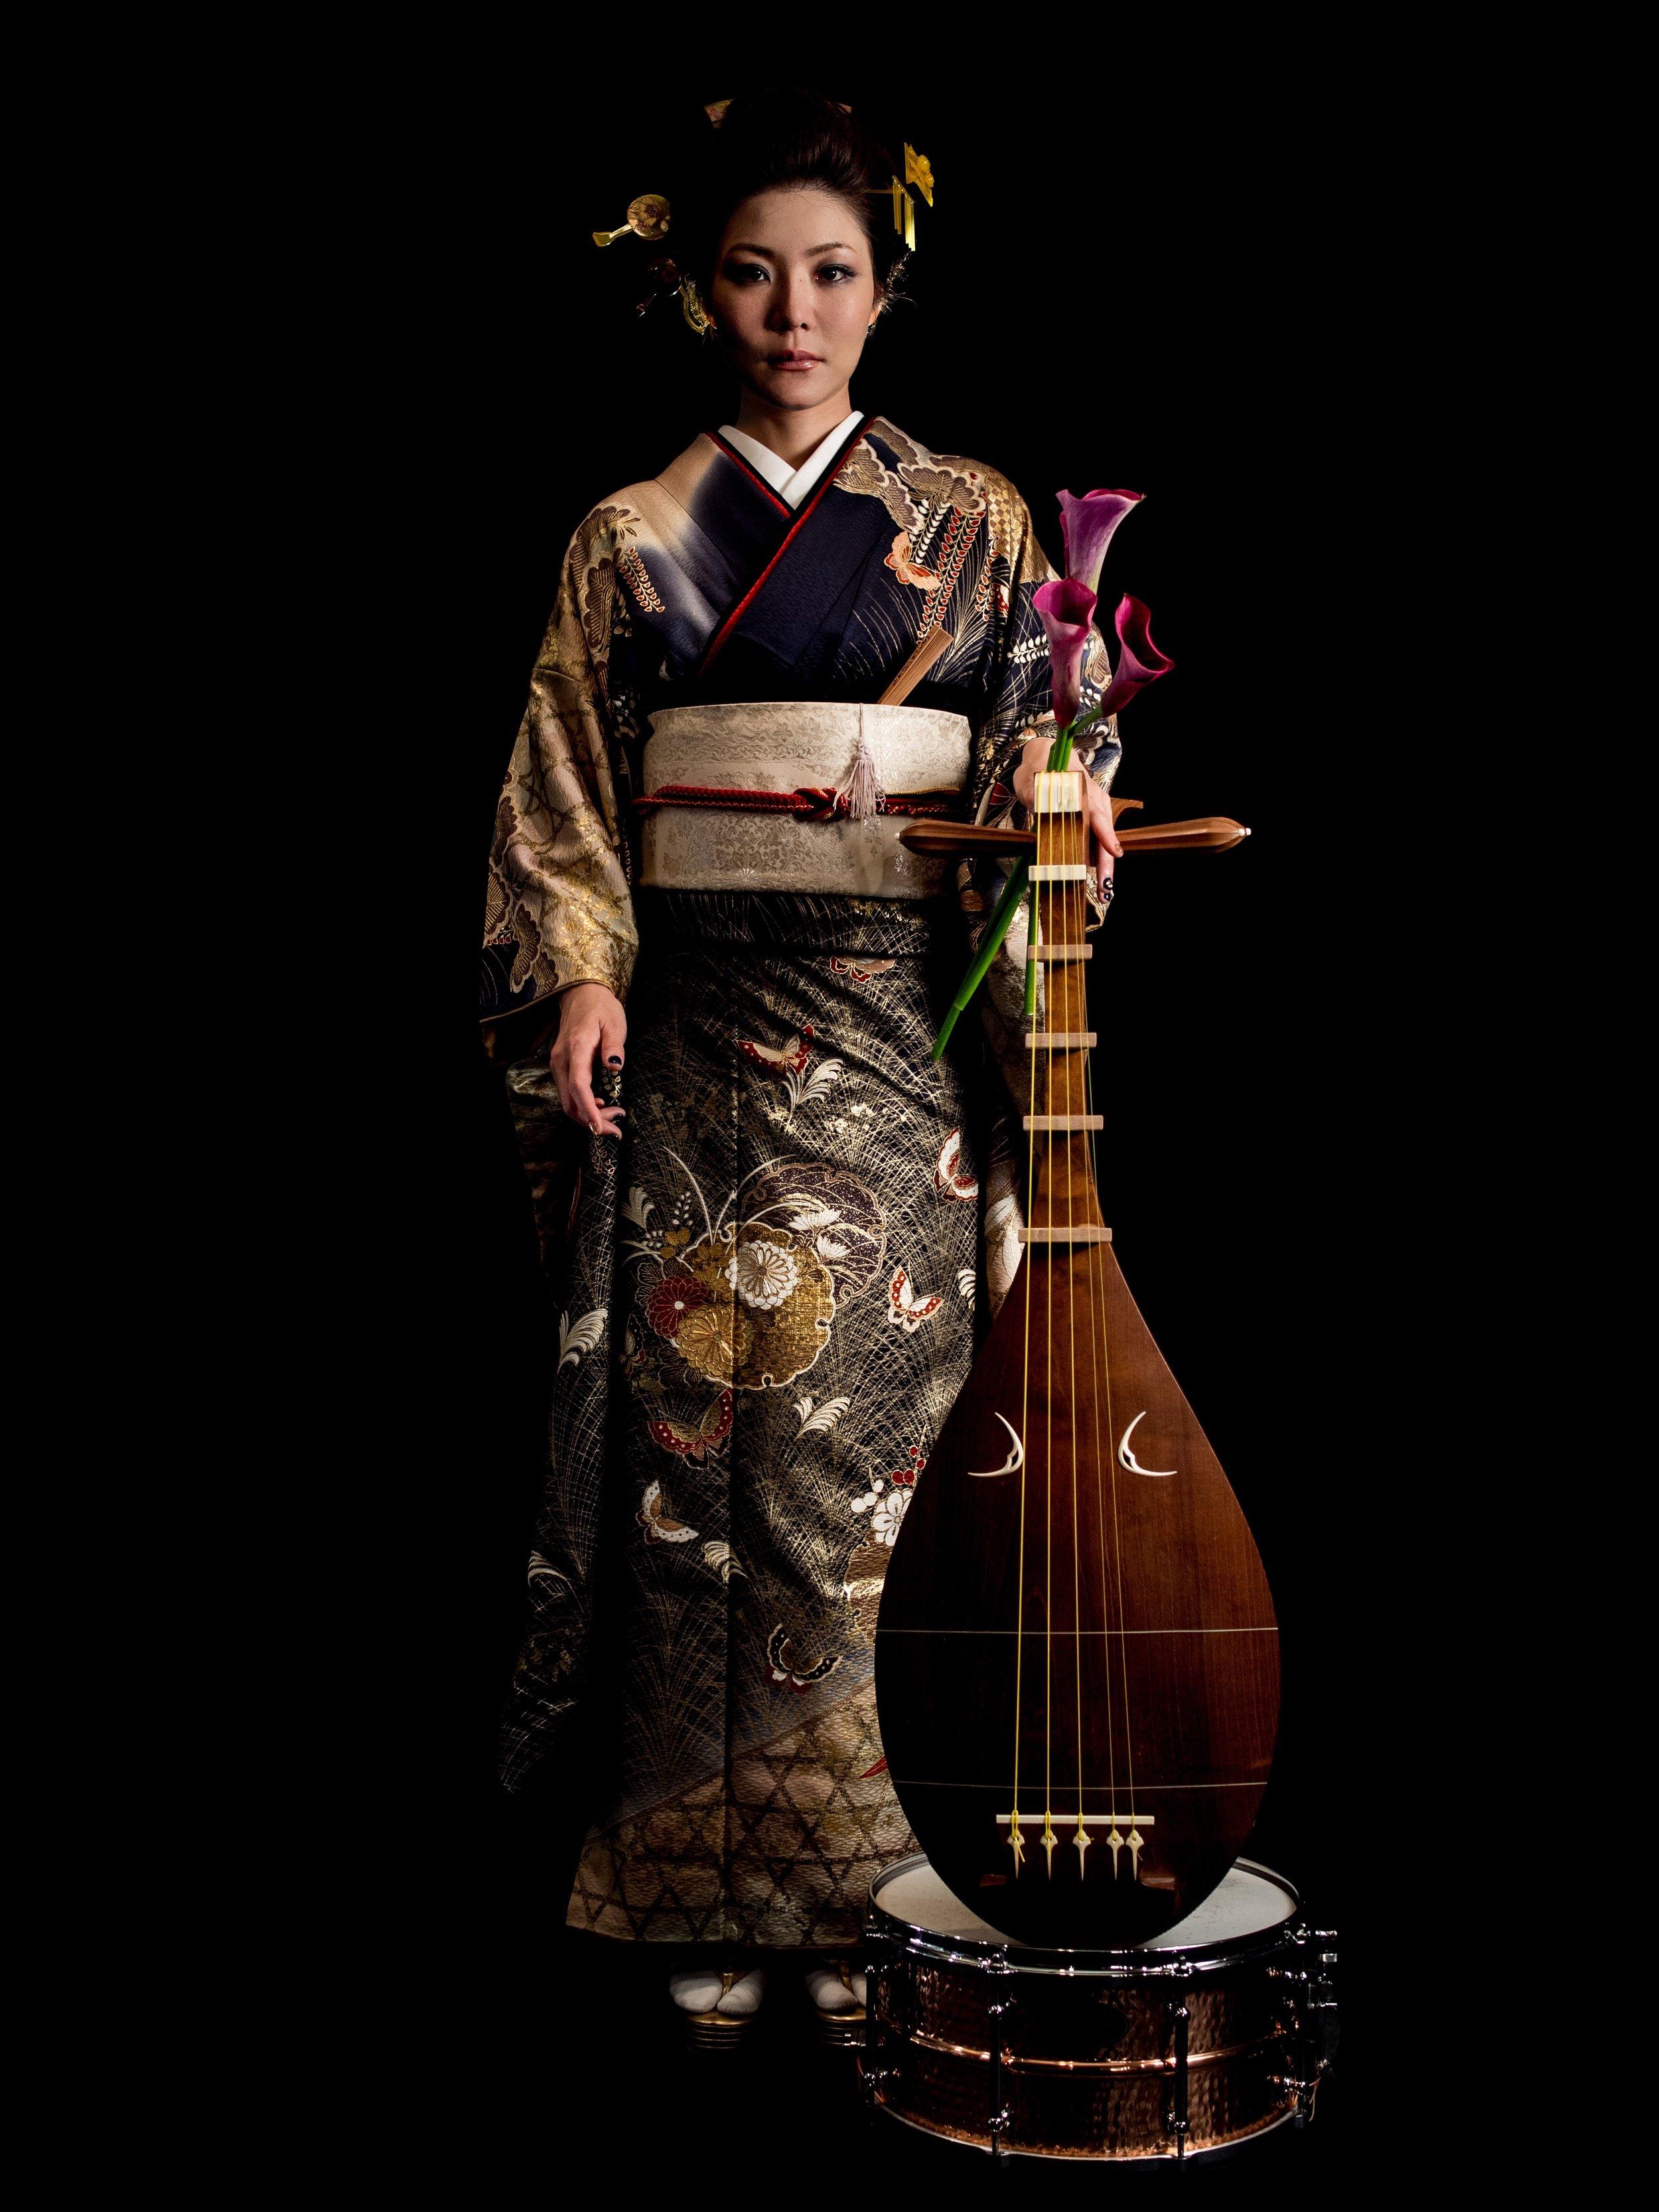 おなじく、olympus PEN E-P5によるYUIKO MIZUSHIMA (BIWA)とPearlのTOSHI 永井モデルのスネア。